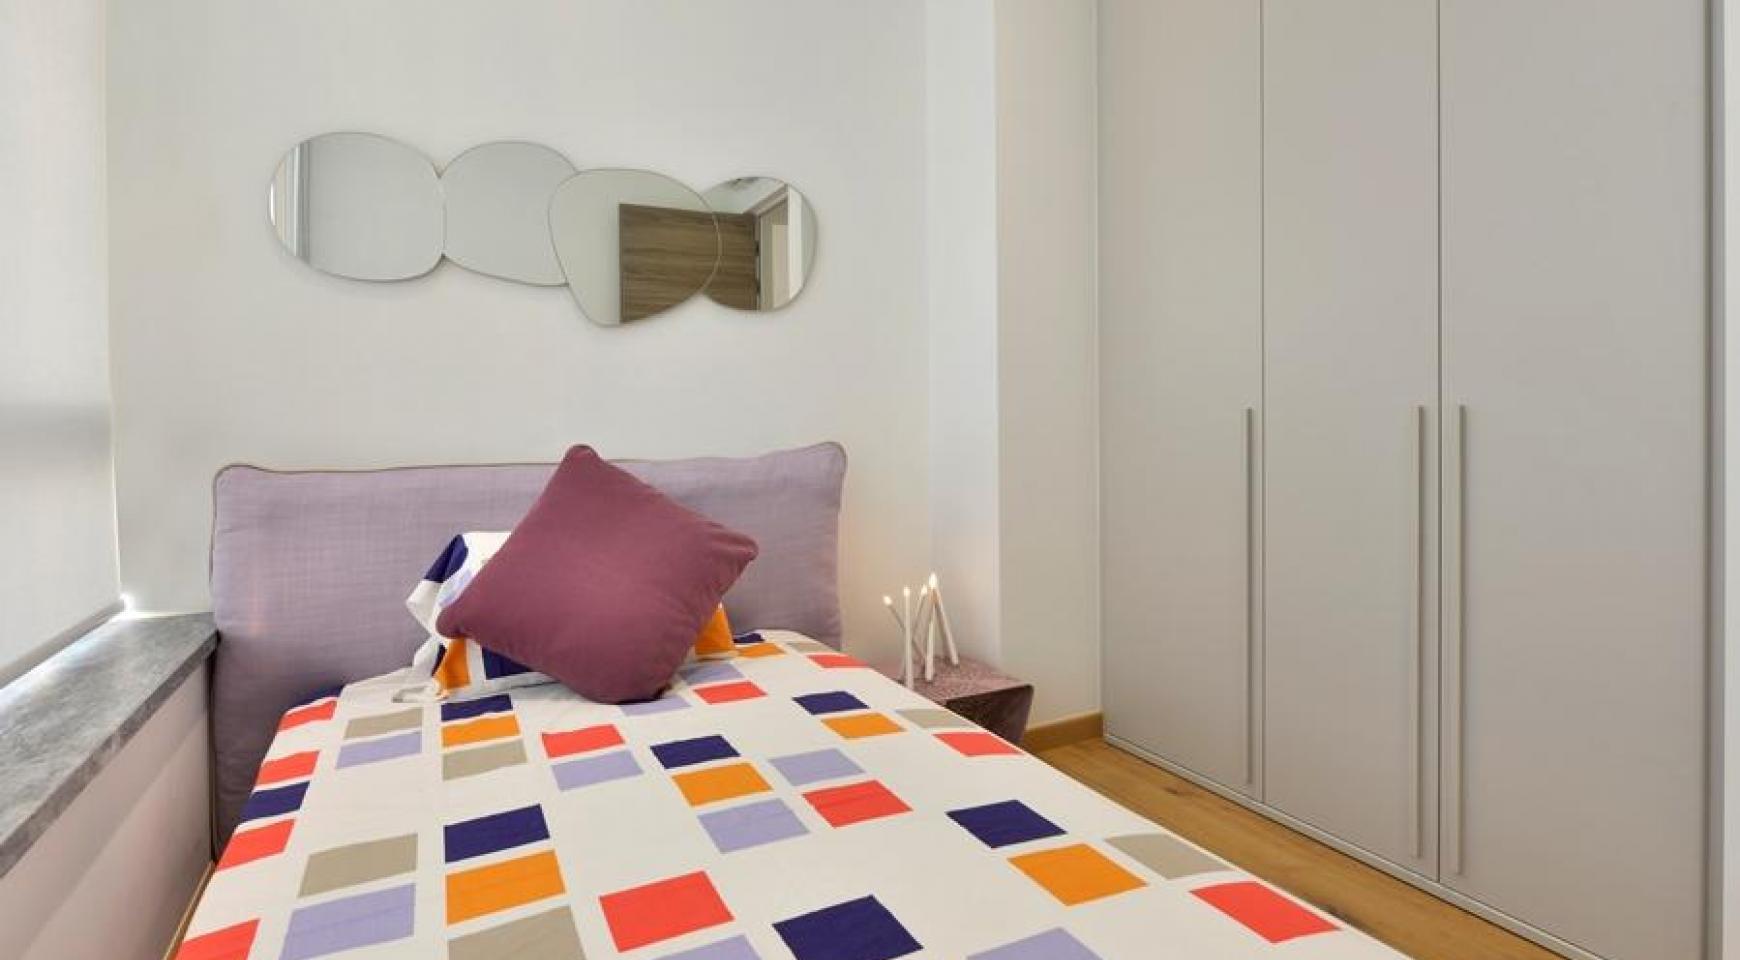 Πολυτελές διαμέρισμα 2 υπνοδωματίων με ταράτσα στο νεόδμητο συγκρότημα - 19